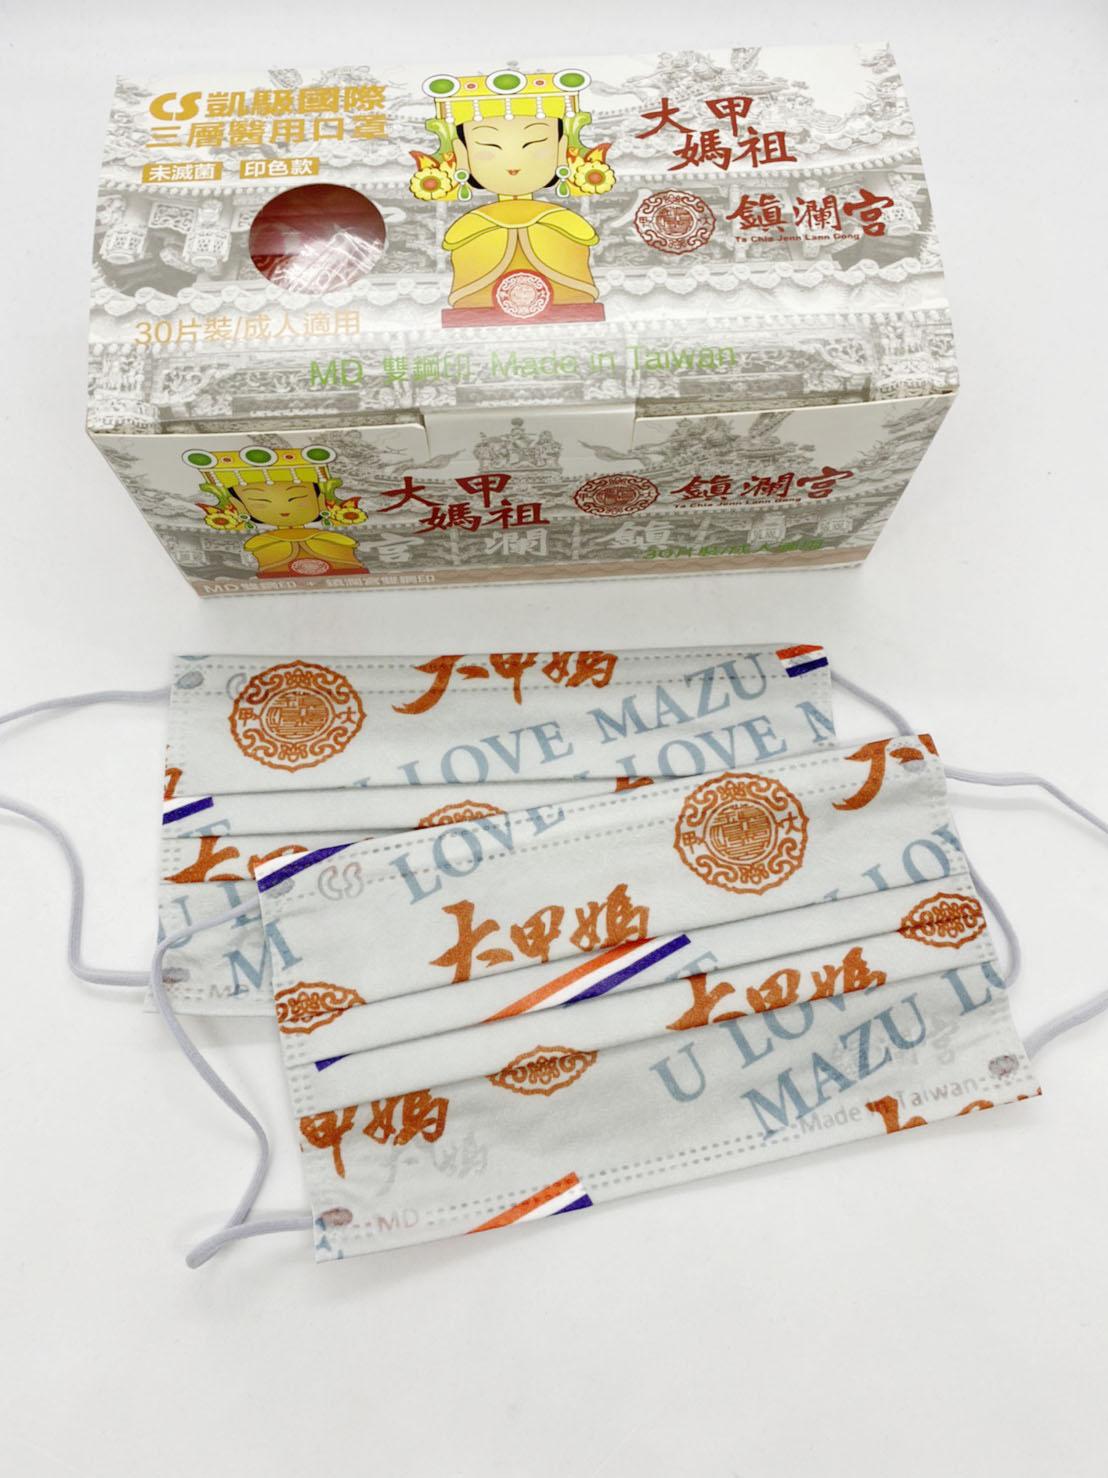 【凱馺】成人 醫療口罩 大甲媽祖系列 鎮瀾宮 30入(秩序款.灰色)